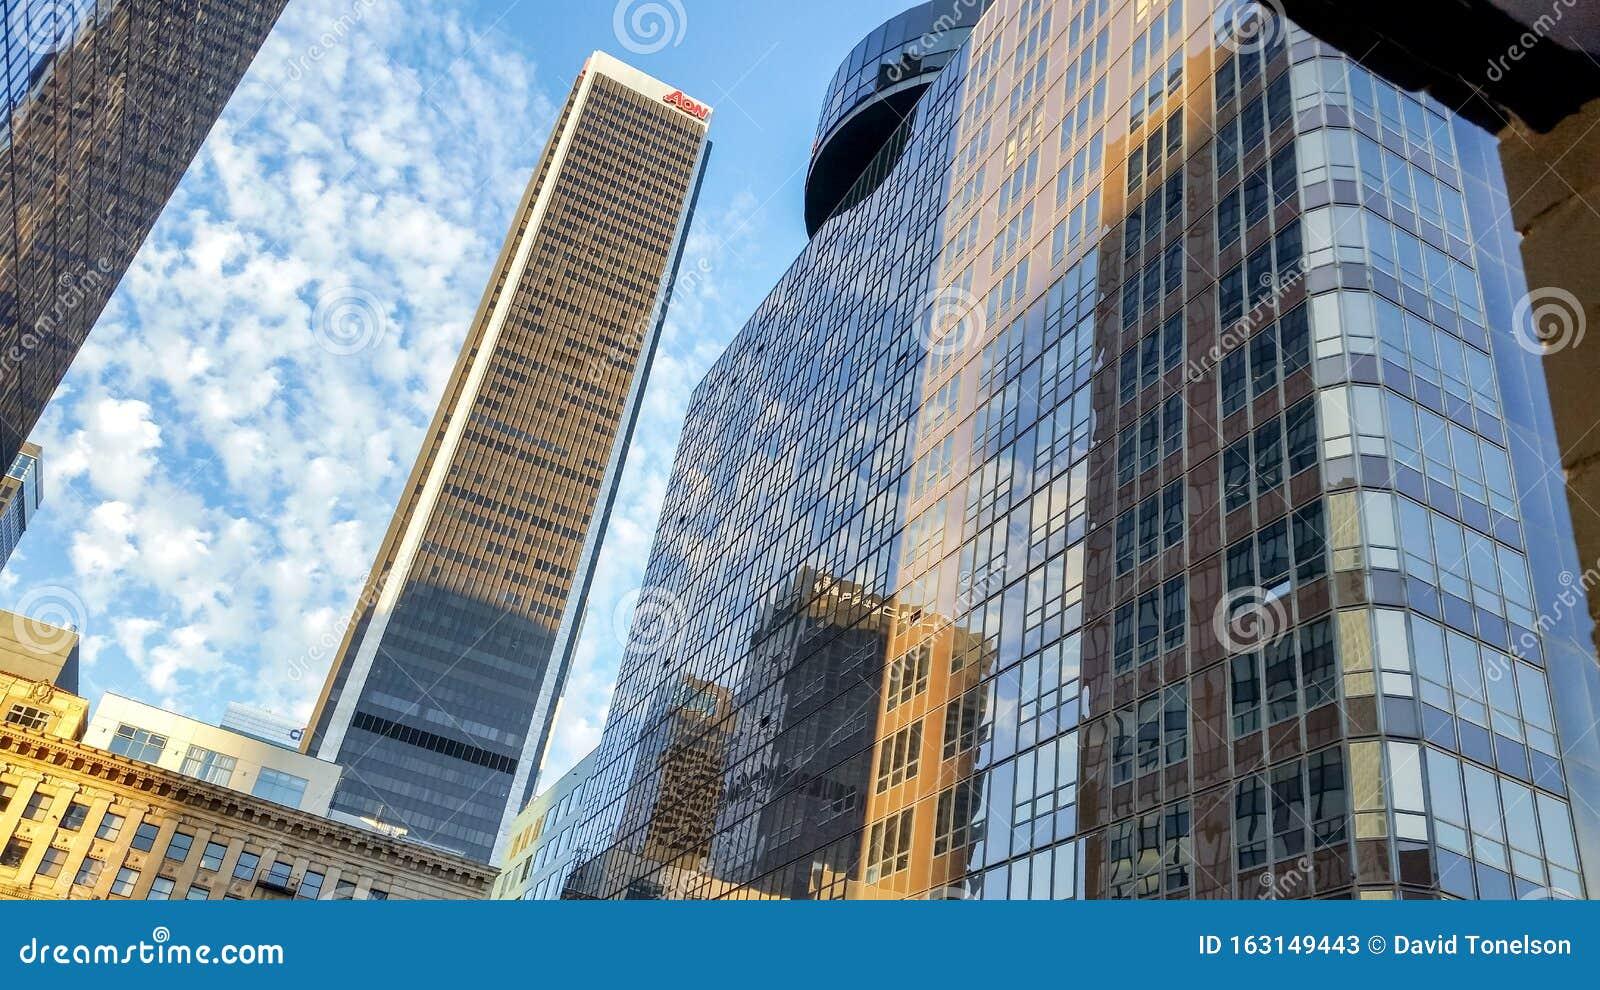 La Skyline Editorial Stock Photo Image Of Skyline Finance 163149443